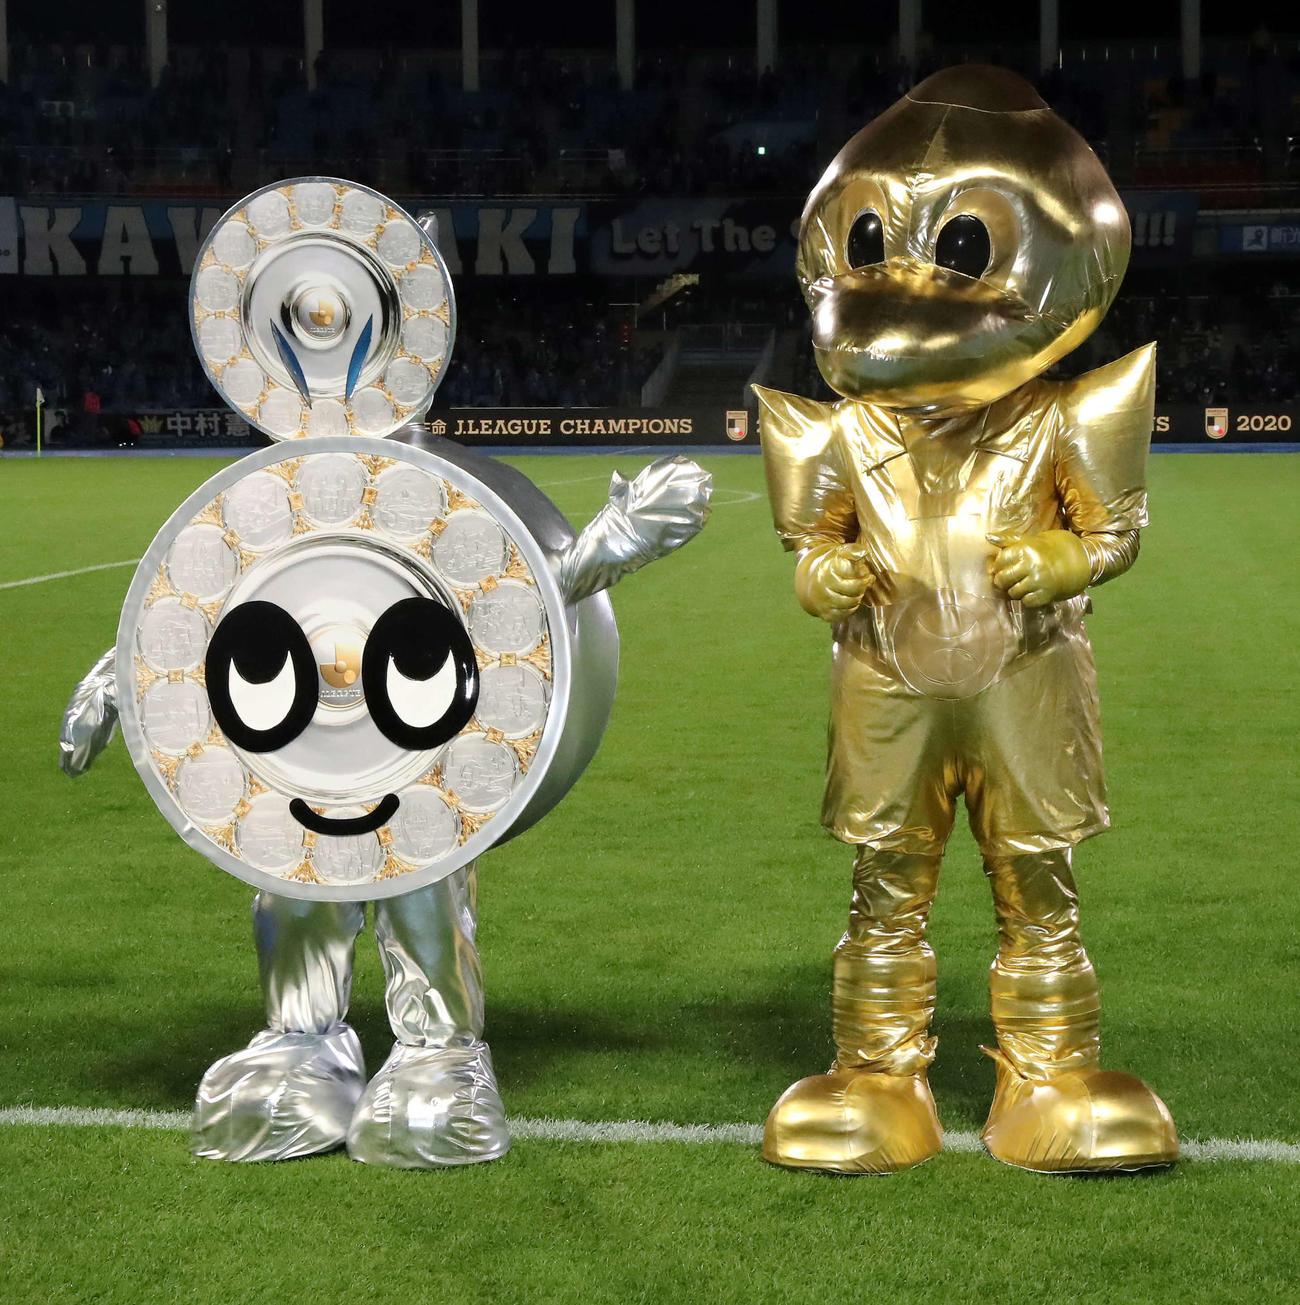 20年11月25日、川崎F対G大阪 金のふろん太(右)とシャーレ姿のカブレラ